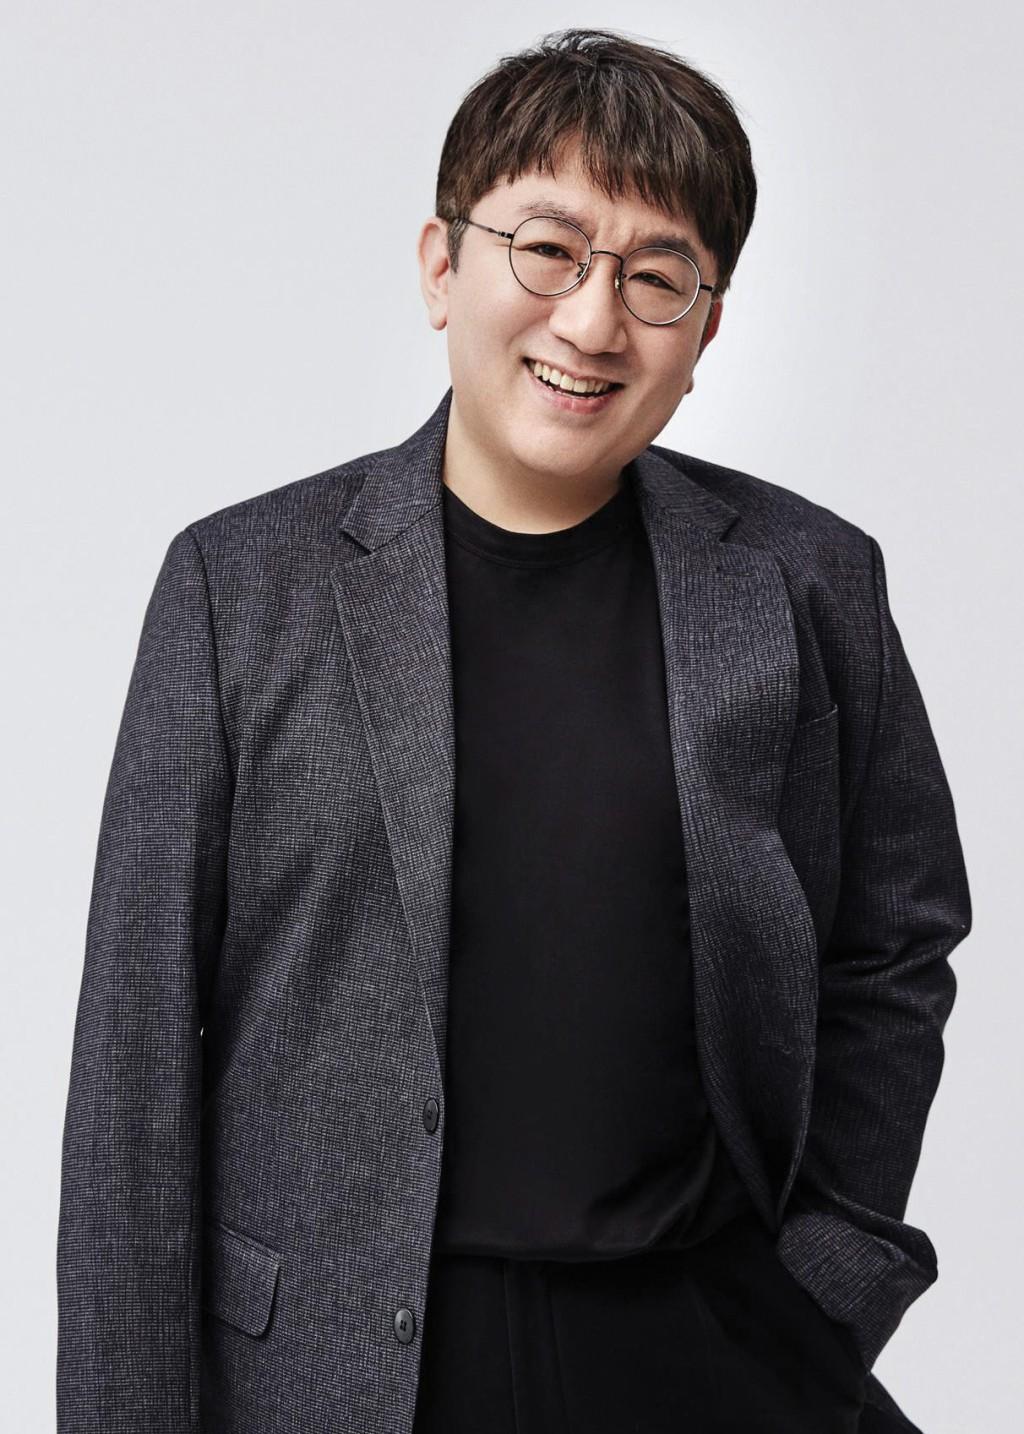 Top nhân vật quyền lực nhất làng giải trí Hàn 2018: BTS vượt qua ông